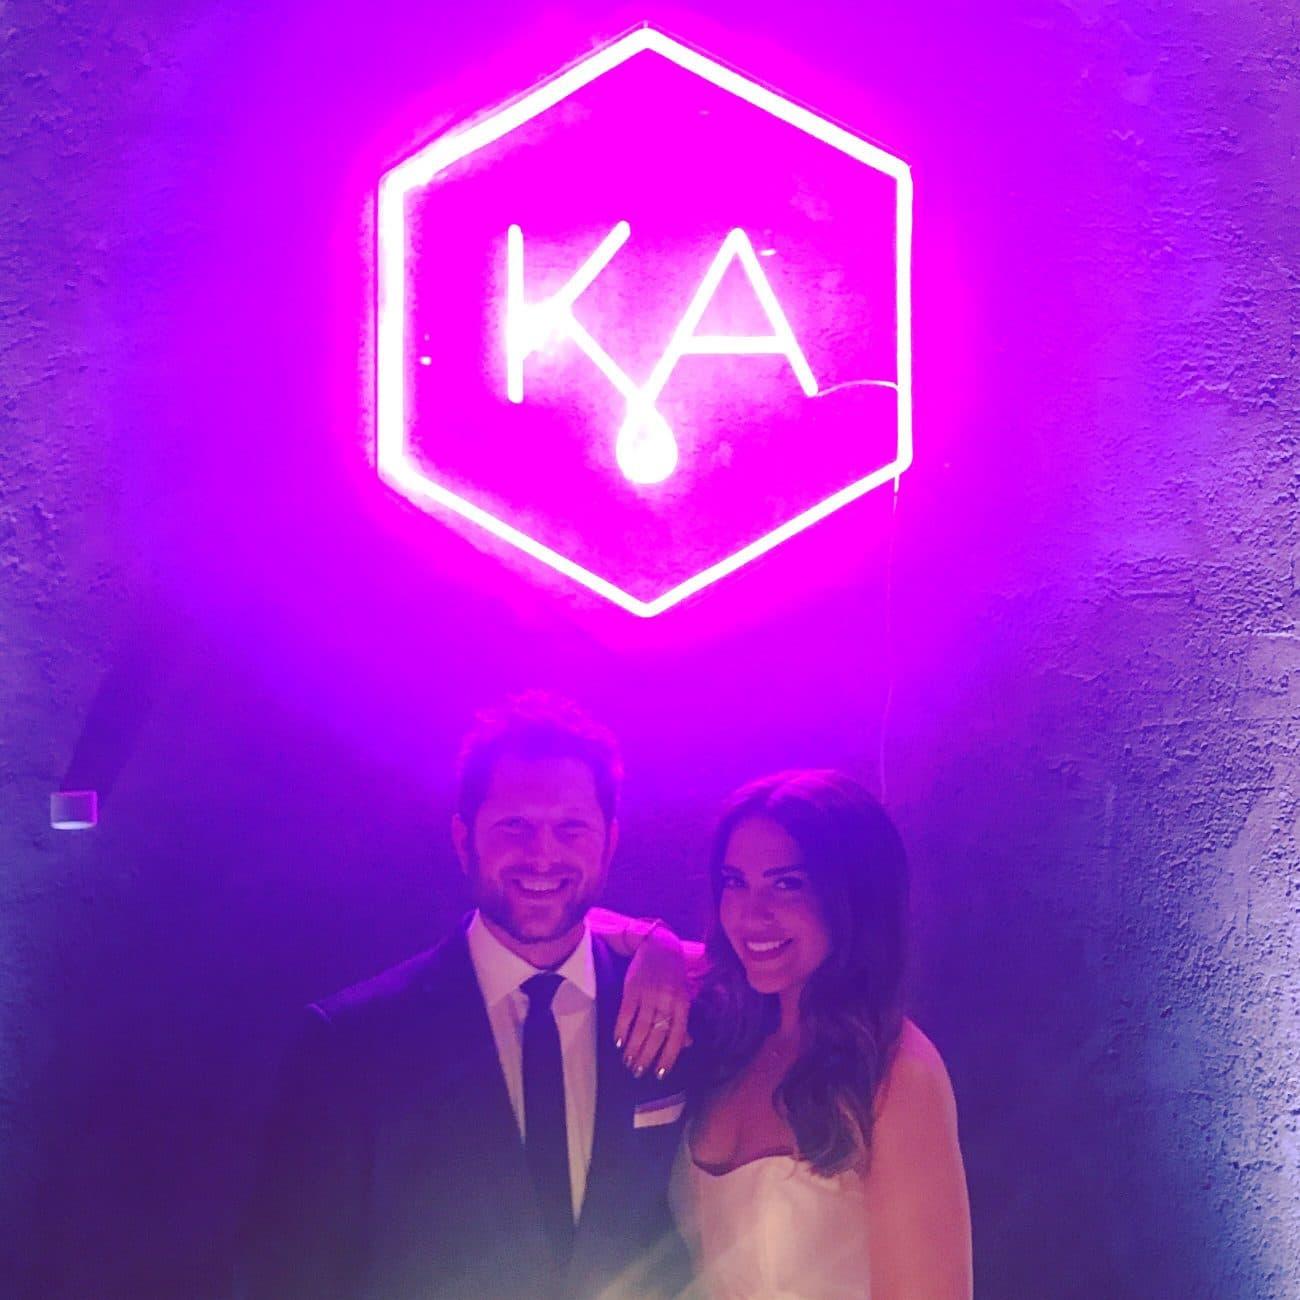 KA neon sign